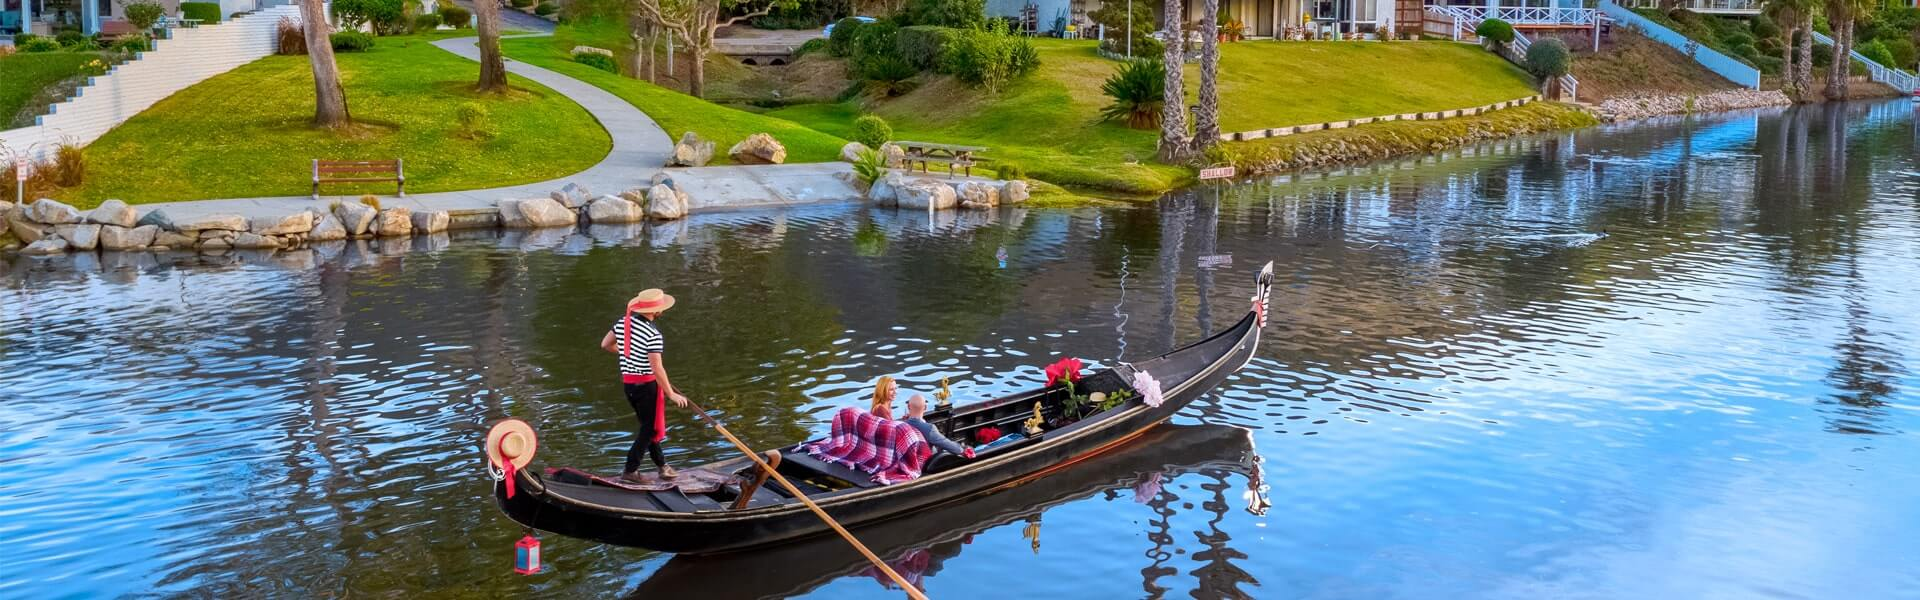 Gondola Cruise in San Diego